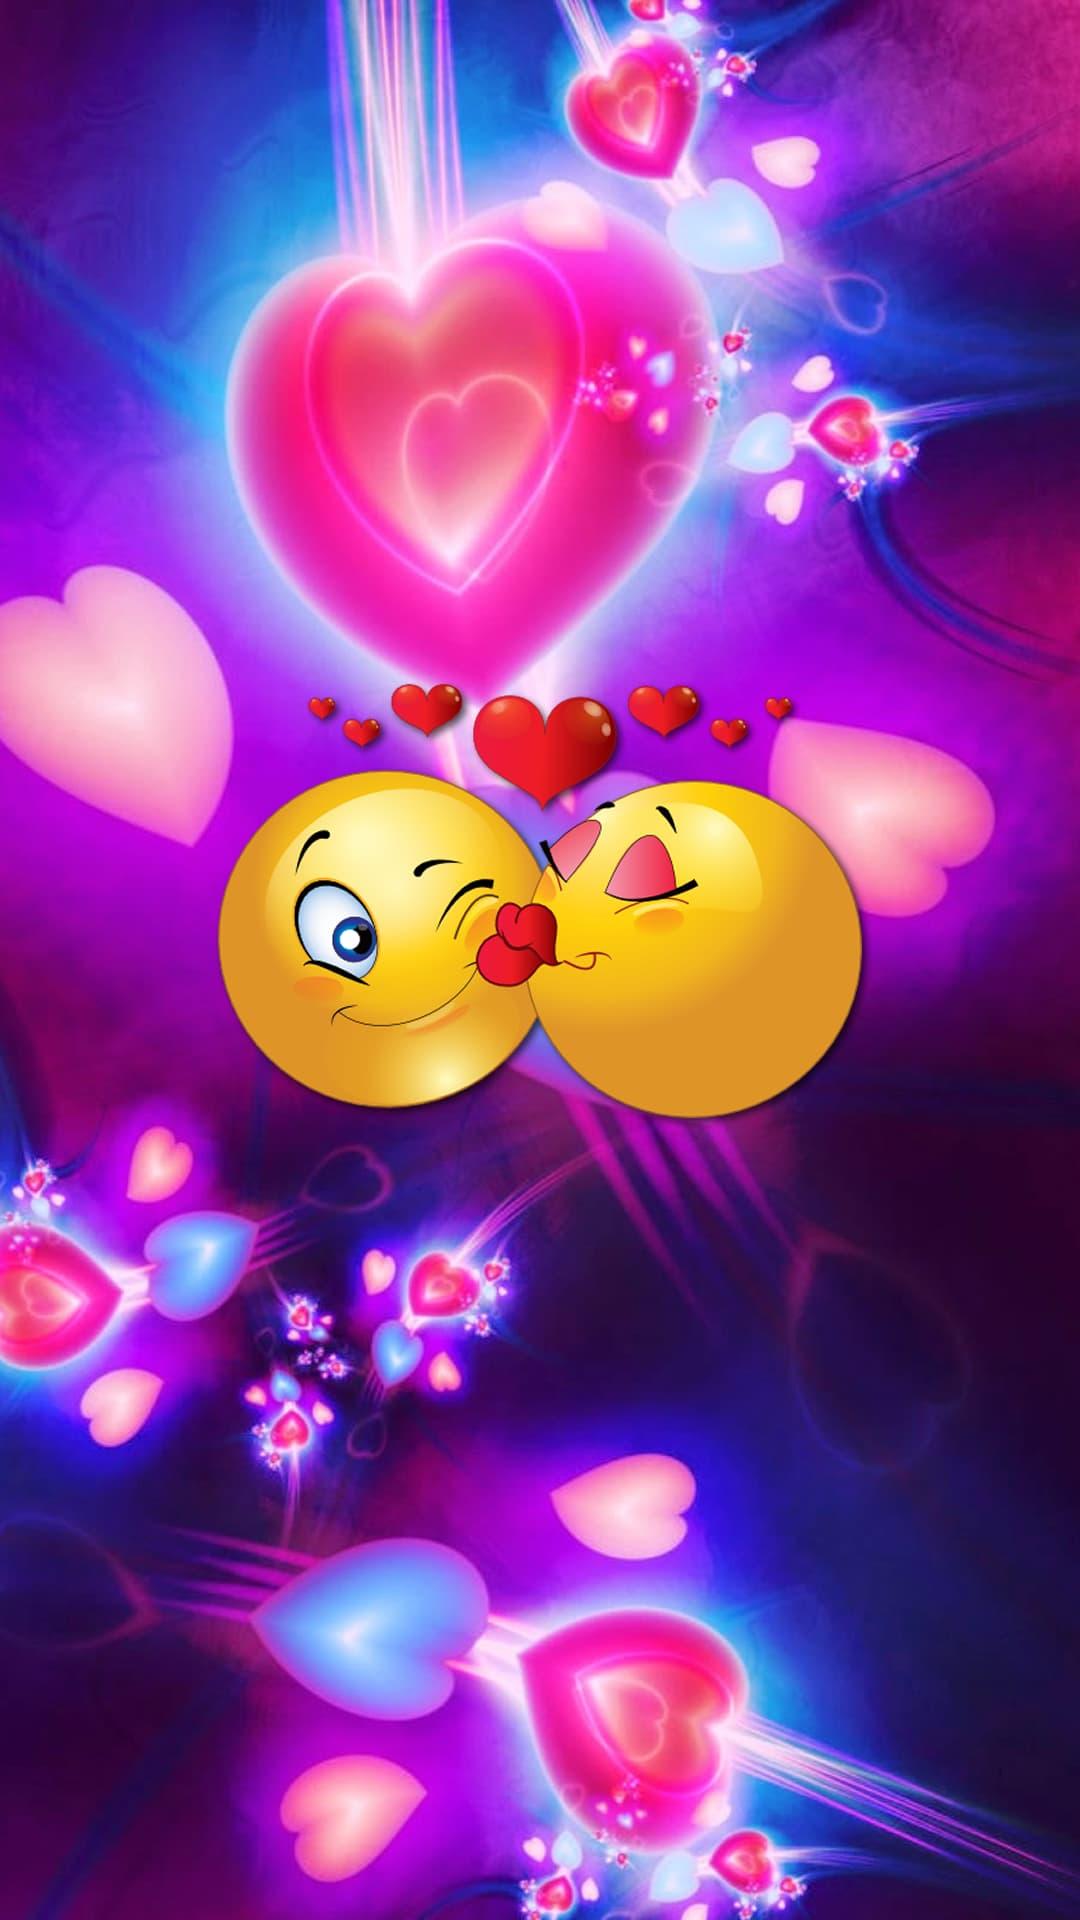 Los mejores fondos de pantalla de emojis 23 deemojis for Imagenes de fondos bonitos